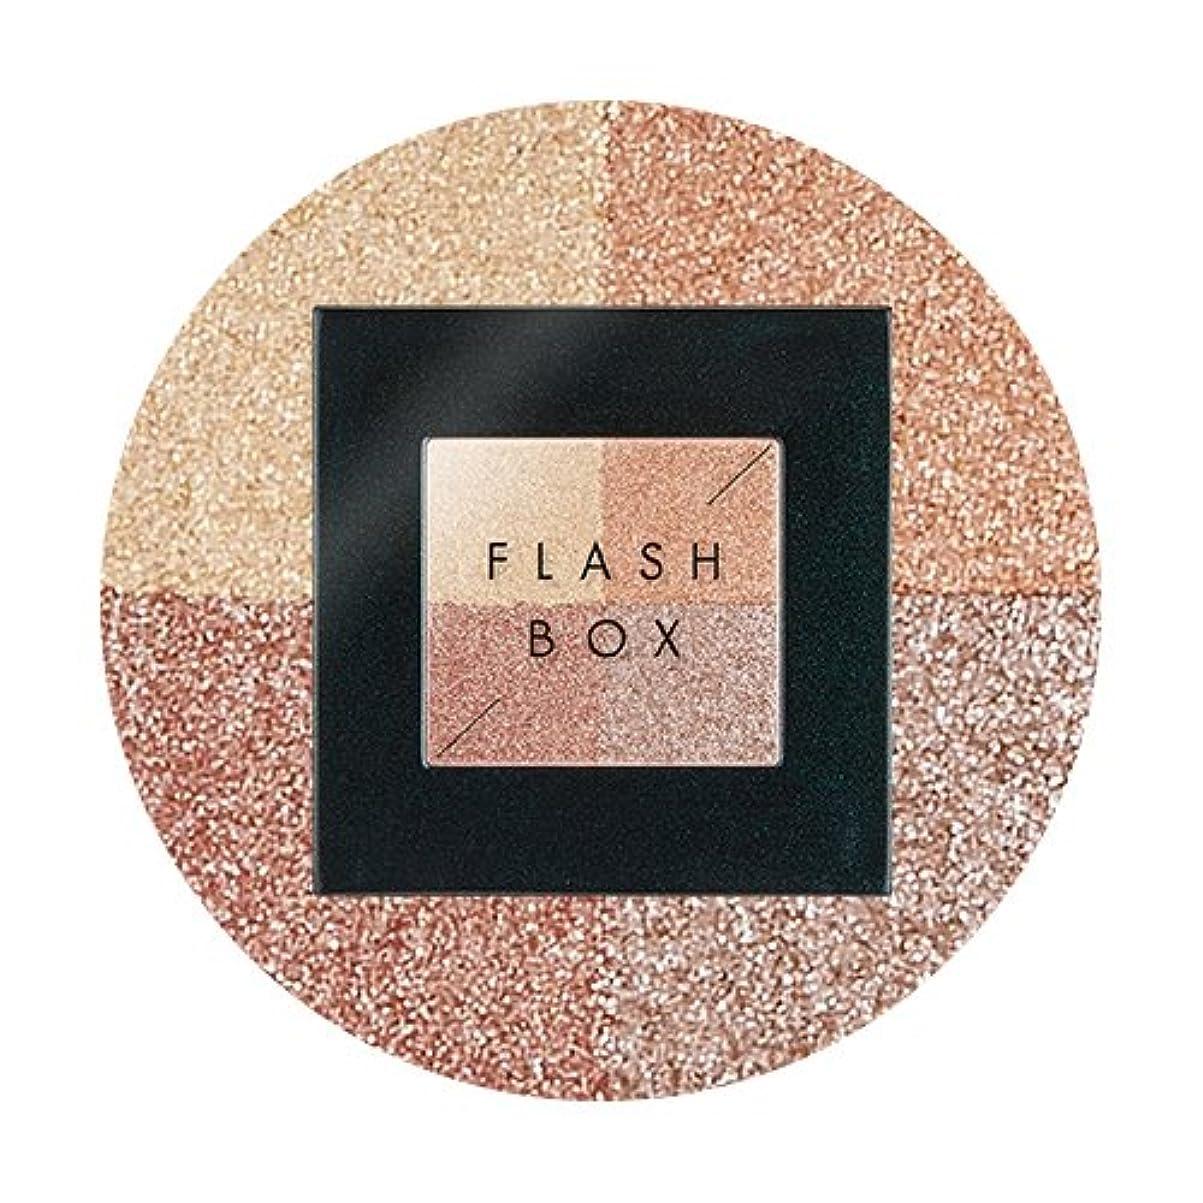 ブロック考古学者ペックAPIEU Flash Box (#2 Lustering Time) / [アピュ/オピュ] フラッシュボックス [並行輸入品]